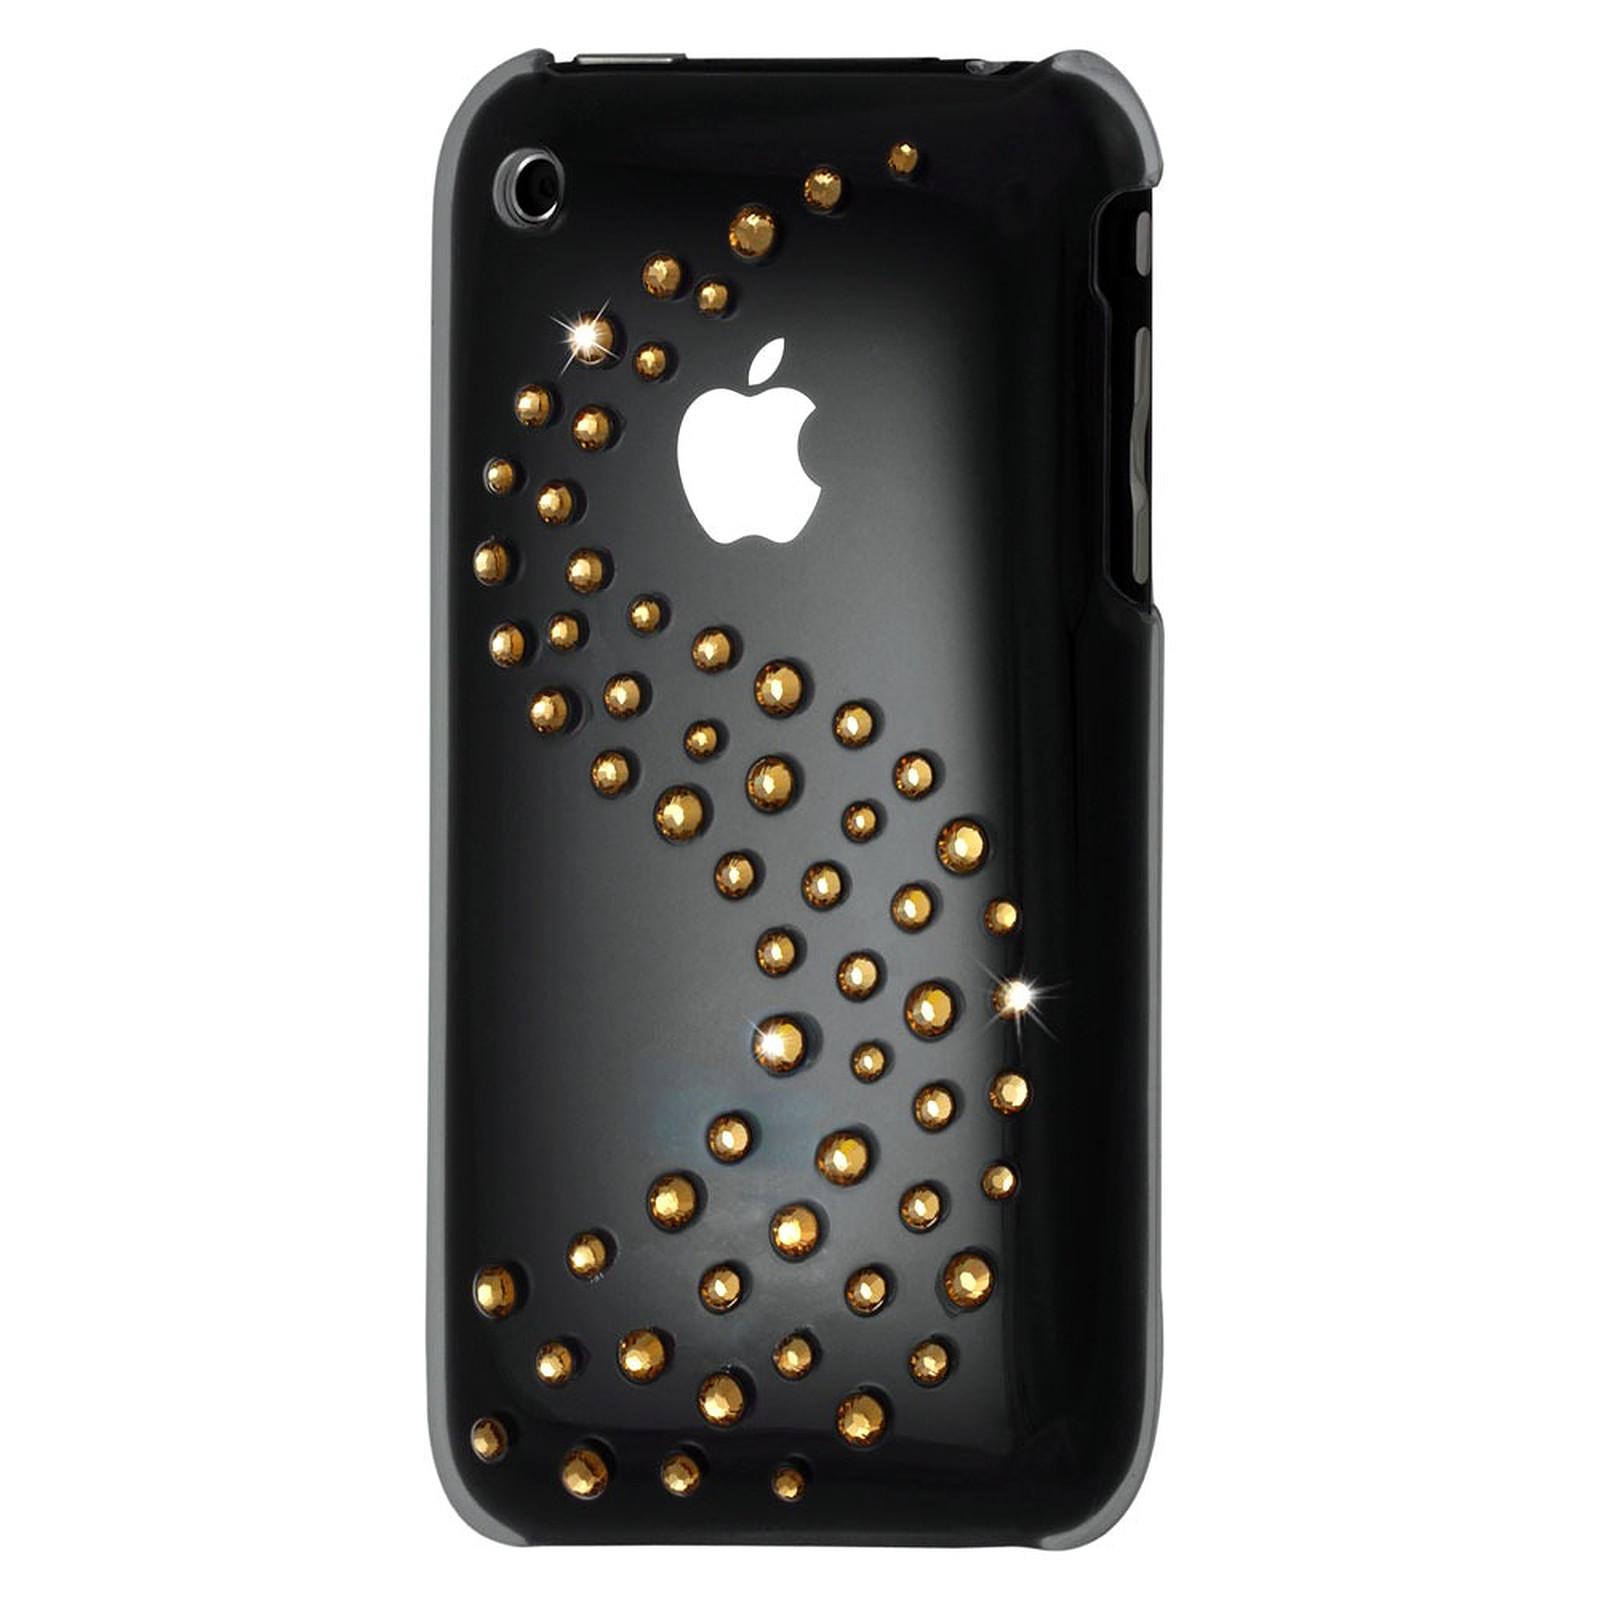 Muvit Coque transparente avec vague de cristaux Swarovski dorés pour iPhone 3G/3GS